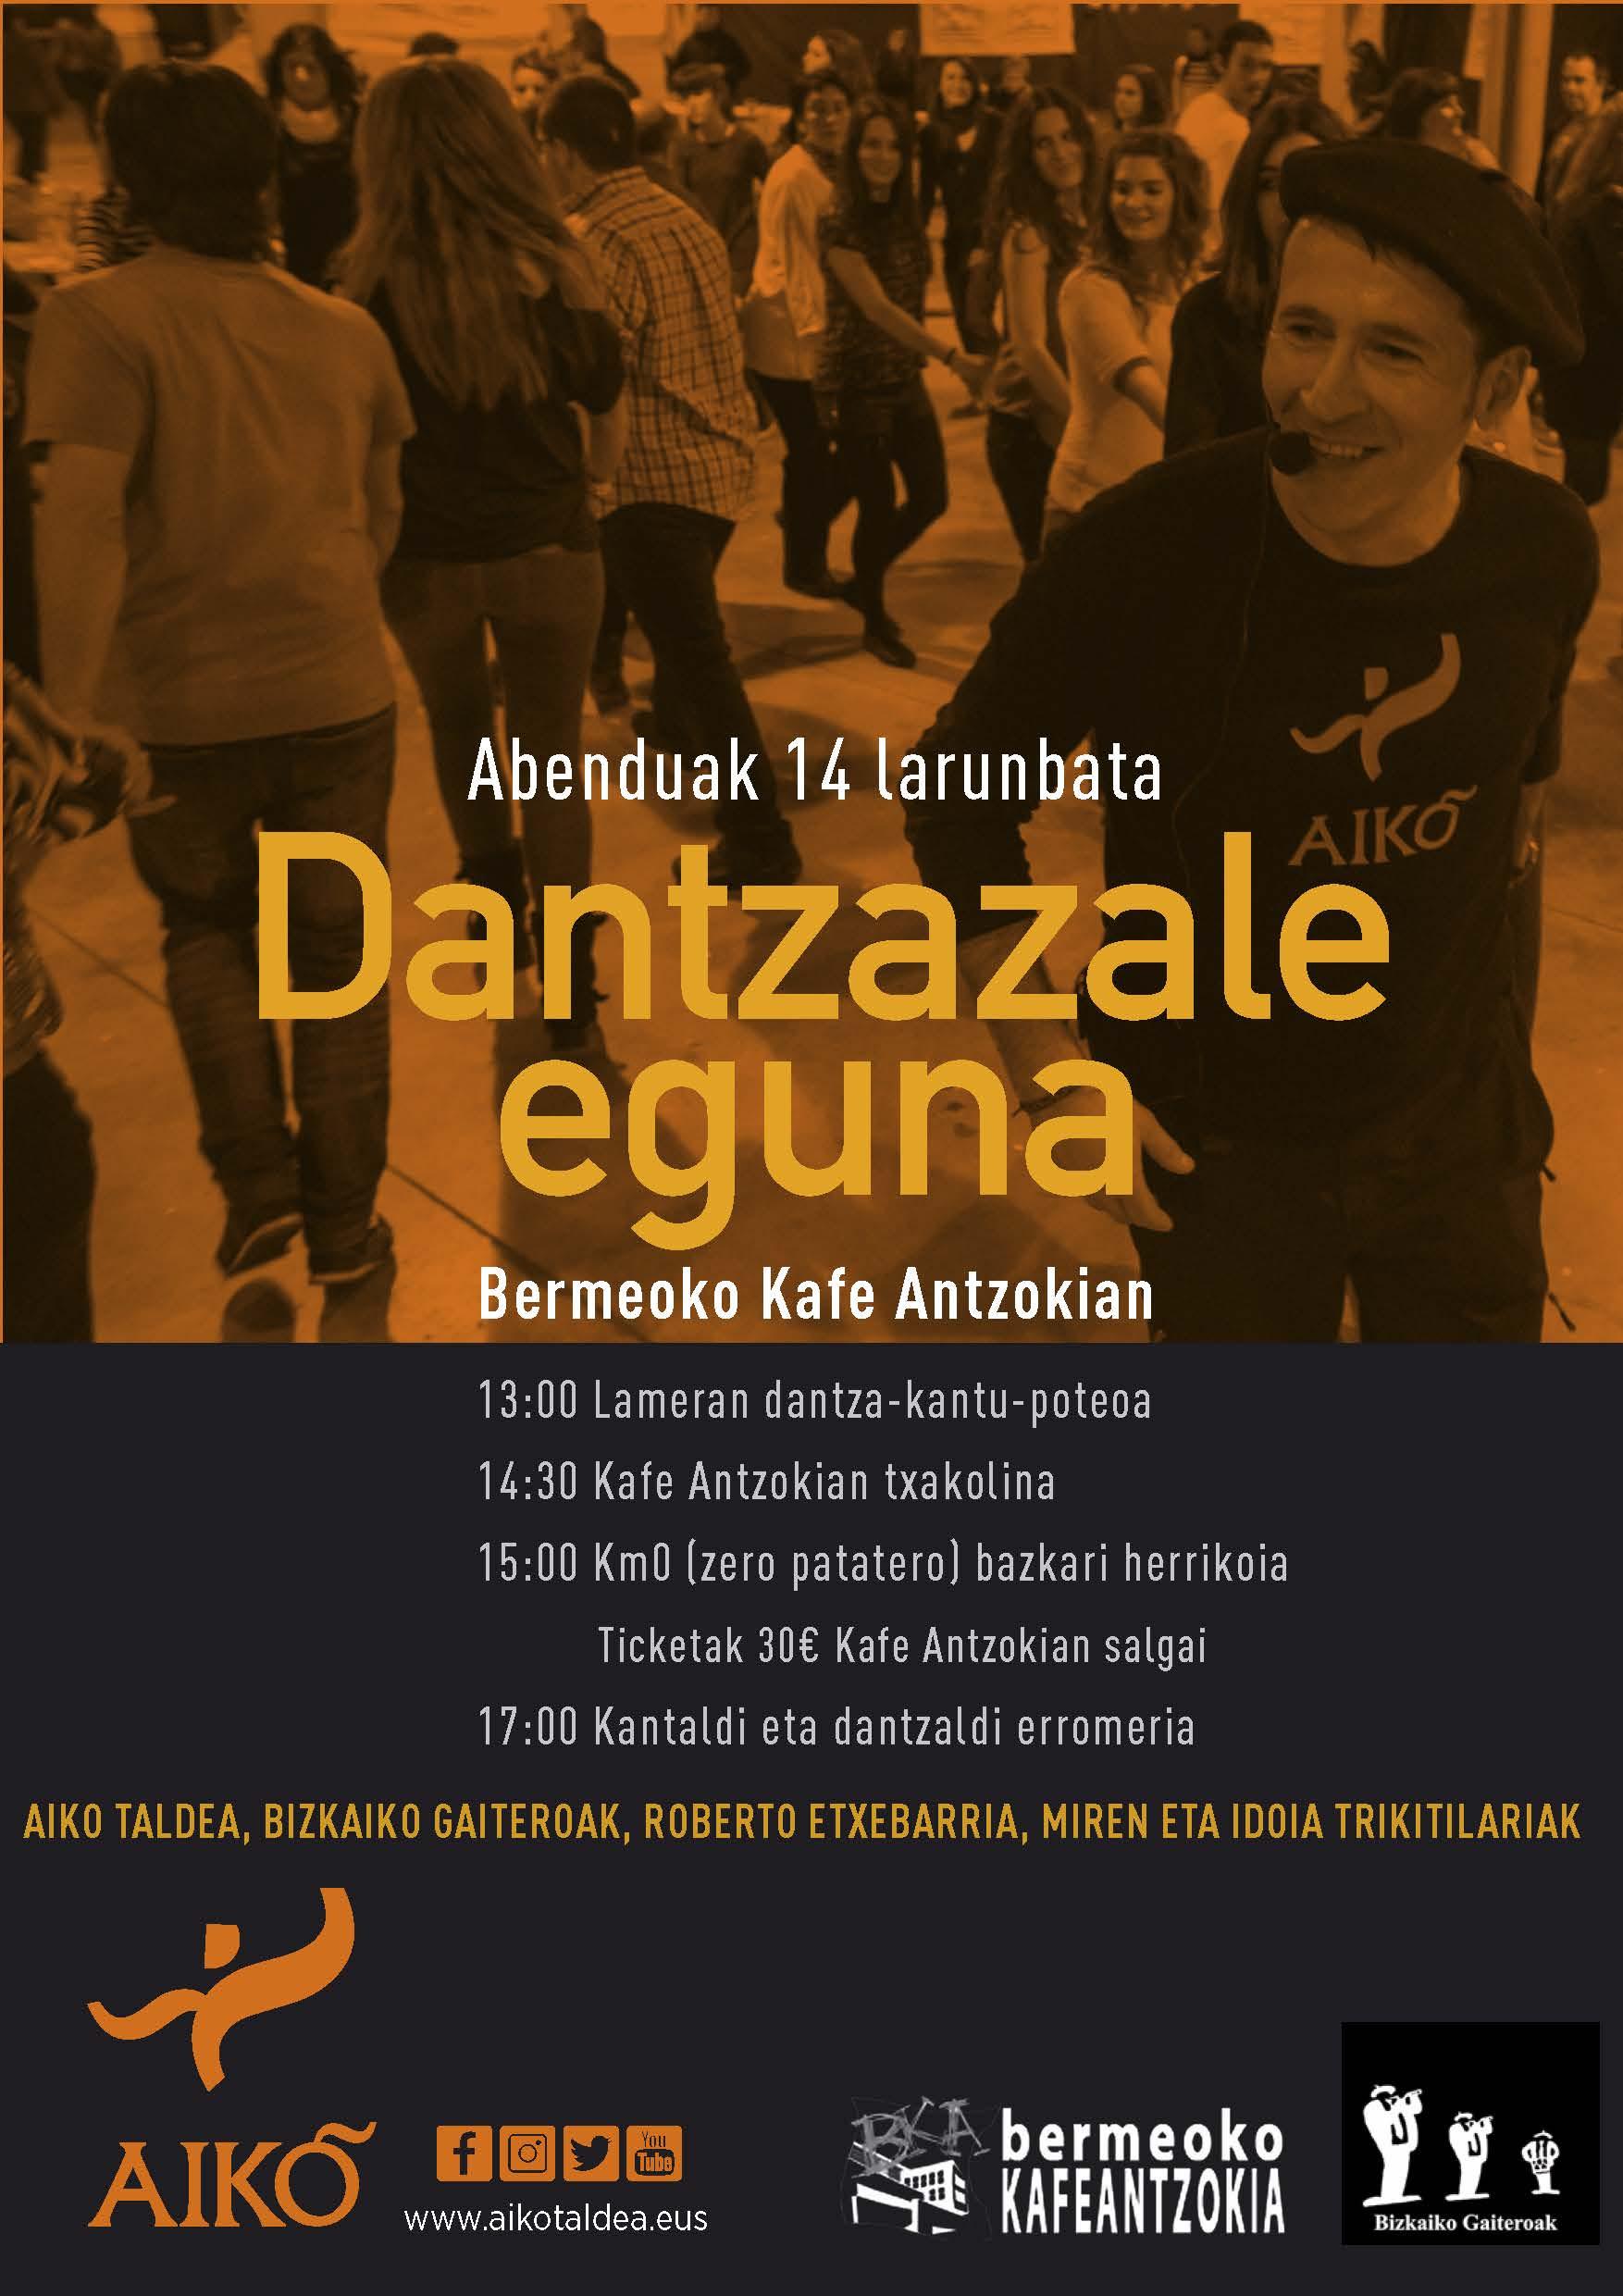 Aiko Taldea: Dantzari Dantzazale Eguna